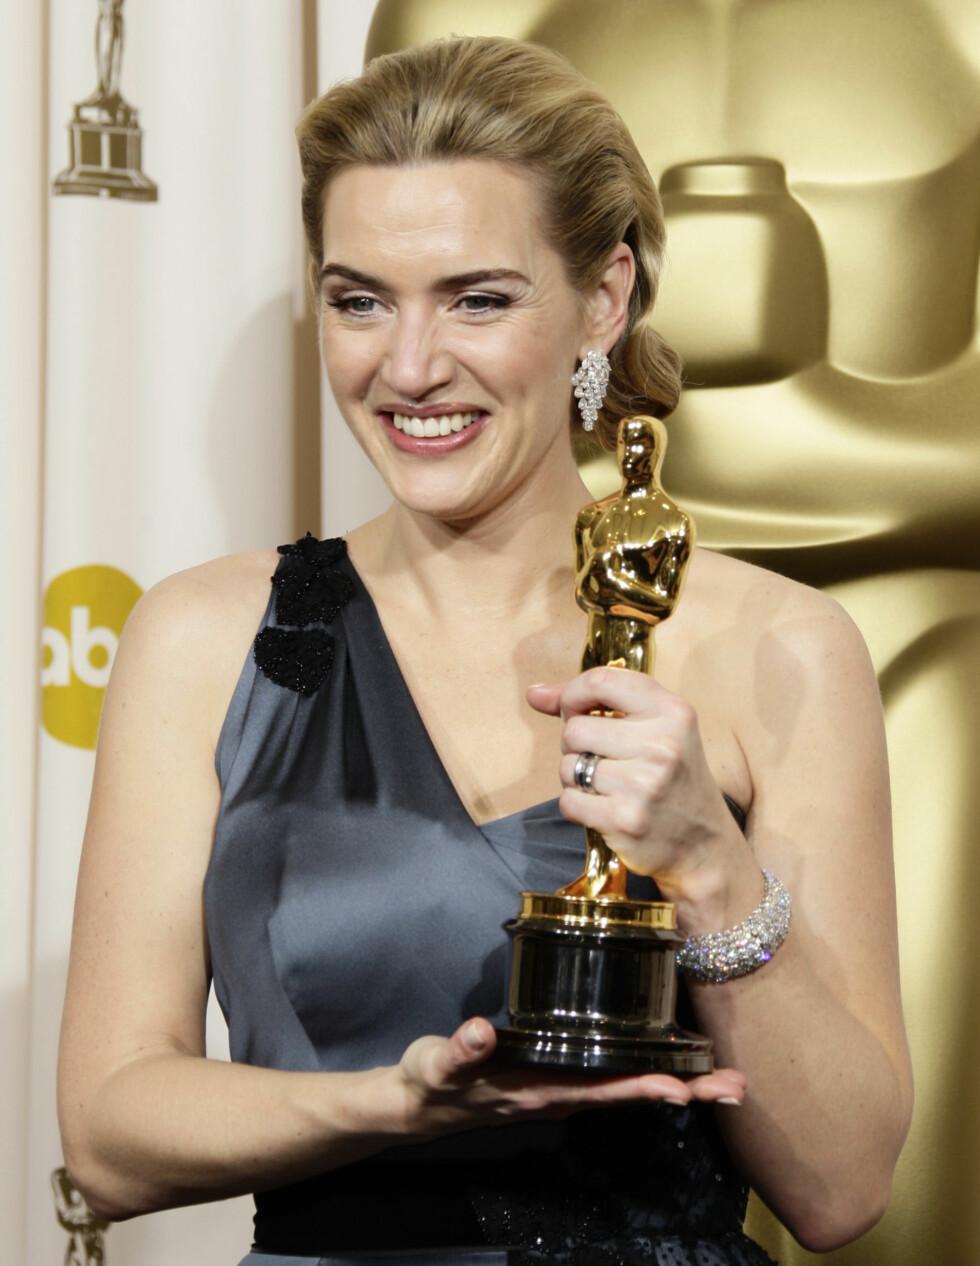 <strong>PRISBELØNT:</strong> Kate Winslet har hatt suksess som en kritikerrost filmskuespiller både før og etter «Titanic», men det var først etter rollen som Rose hun ble superstjerne. I 2009 vant hun Oscar for «The Reader». Foto: AP